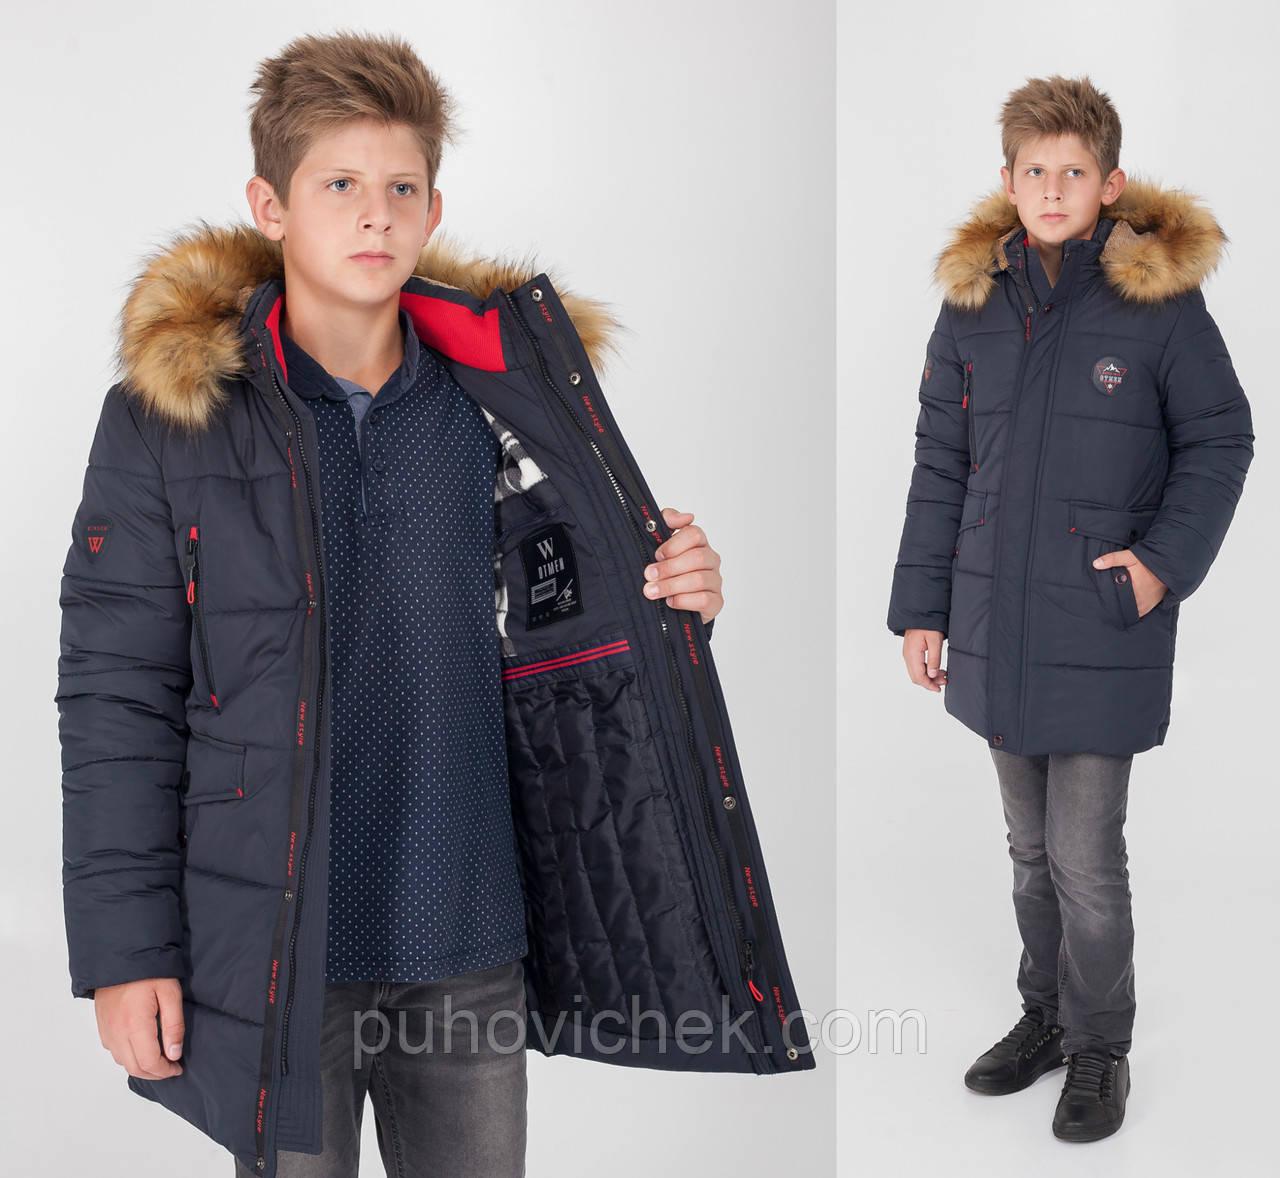 Удлиненная куртка для мальчика зима новинка